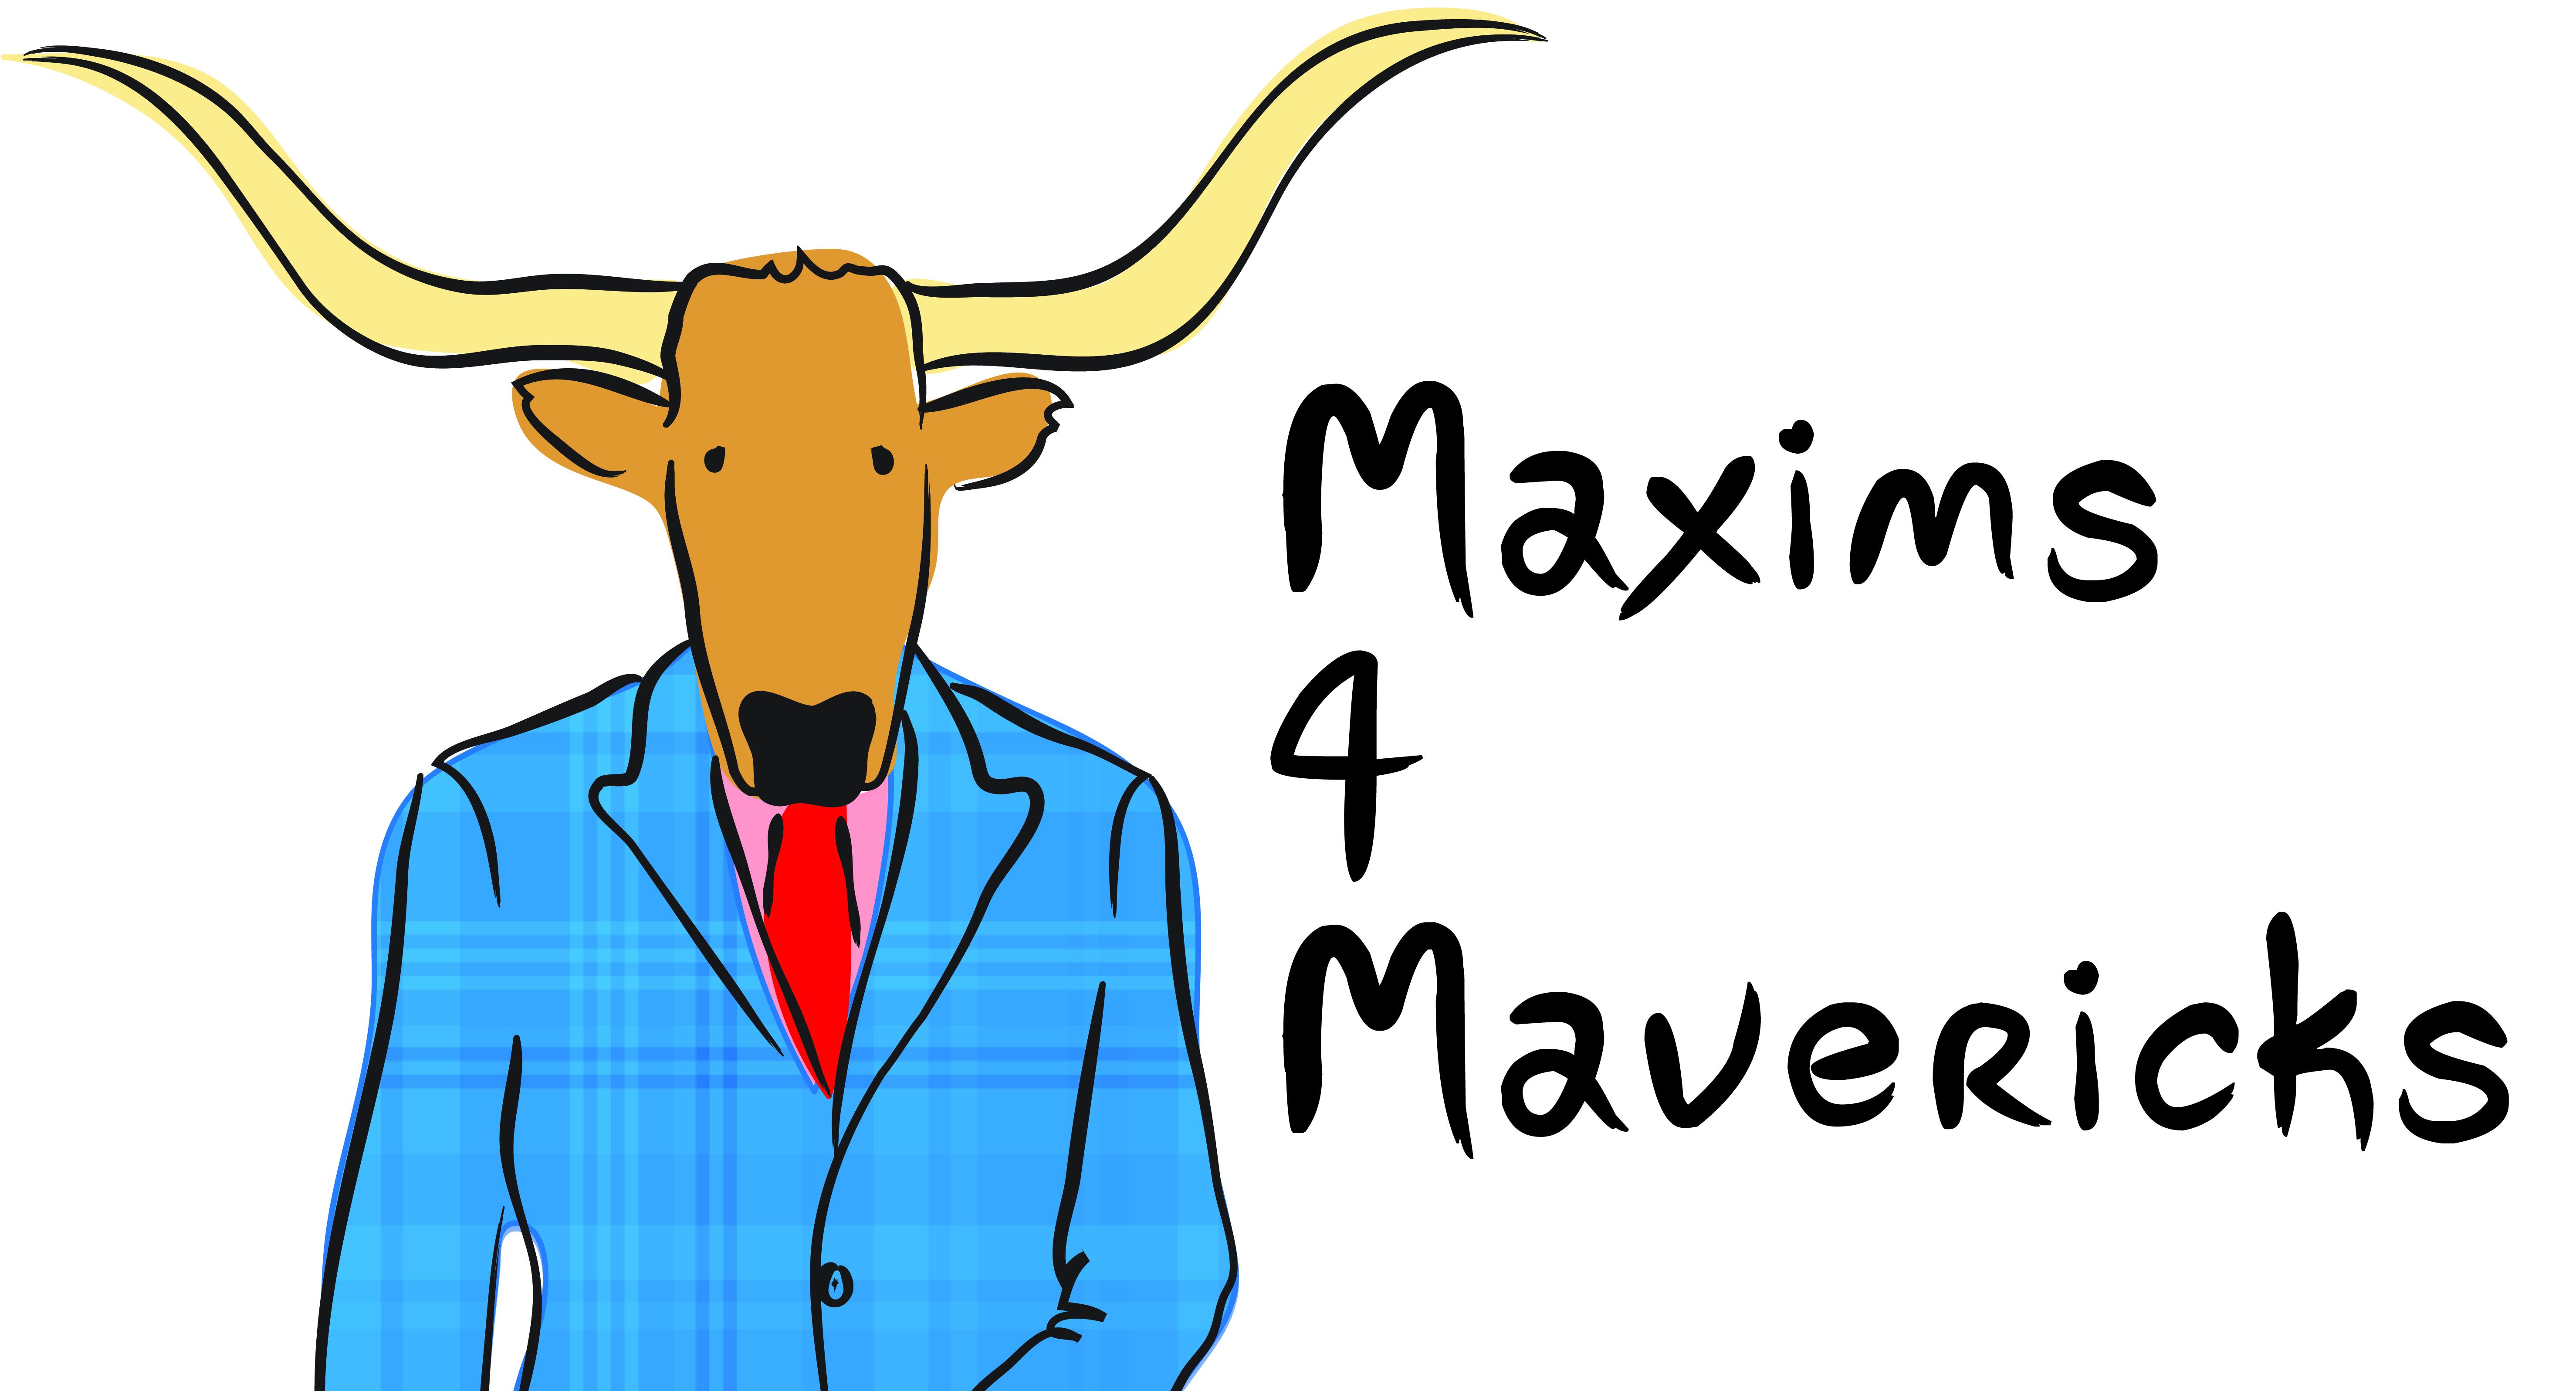 Maxims 4 Mavericks by Kent Healy